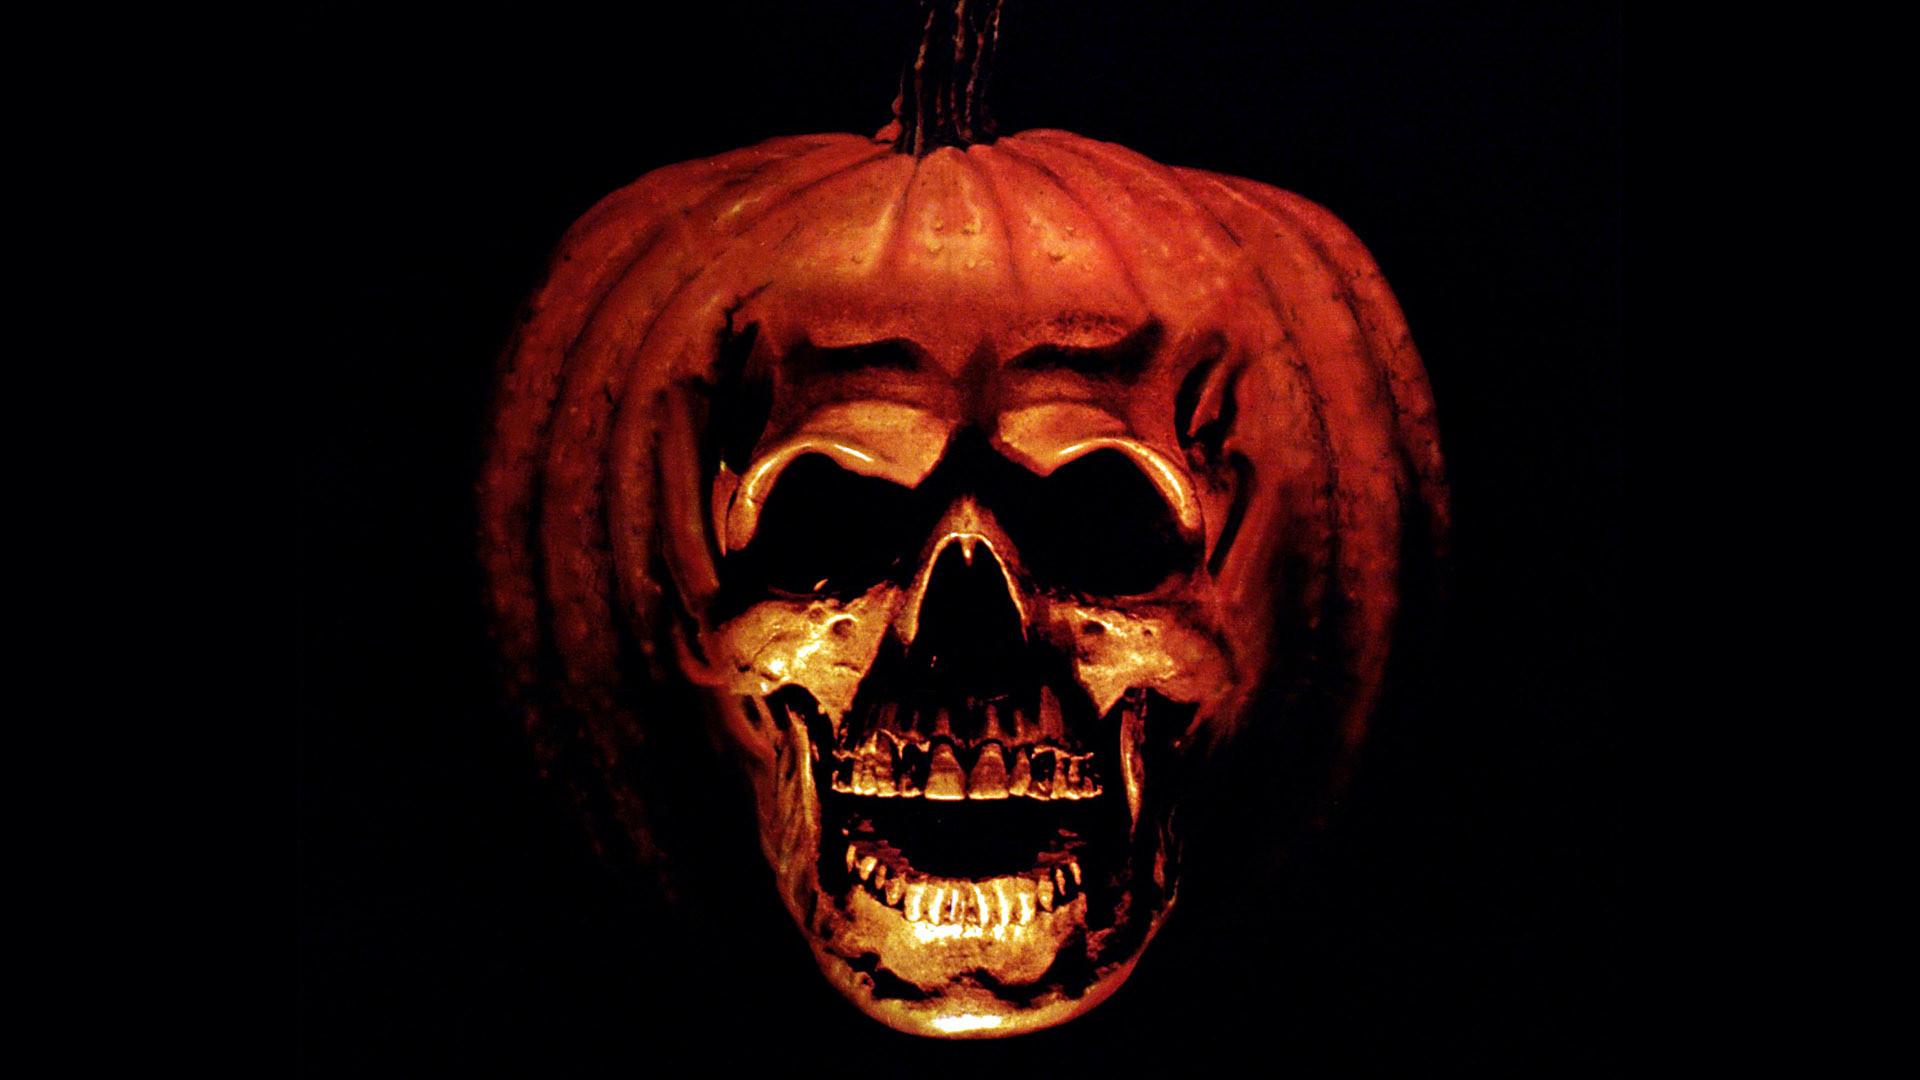 download Halloween II 1981 Computer Wallpapers Desktop 1920x1080